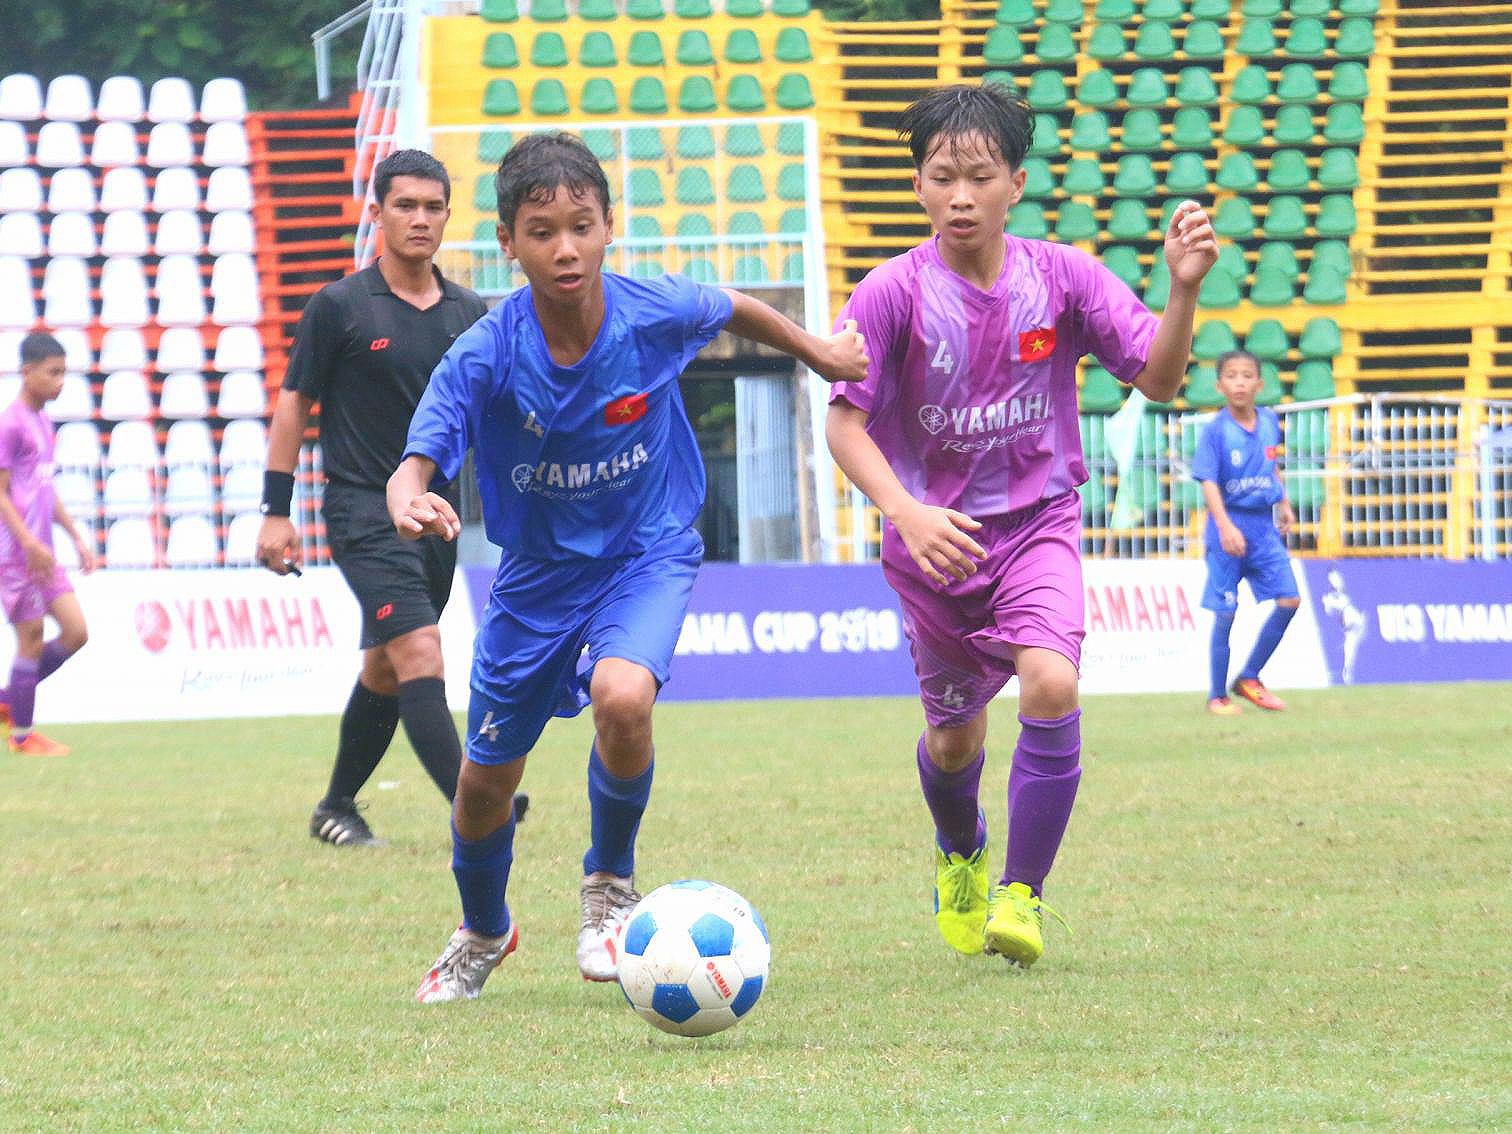 Các cầu thủ U13  Cần Thơ (đang dẫn bóng) trong trận tranh hạng Ba với U13 Hùng Nguyễn FC - Gia Lai.